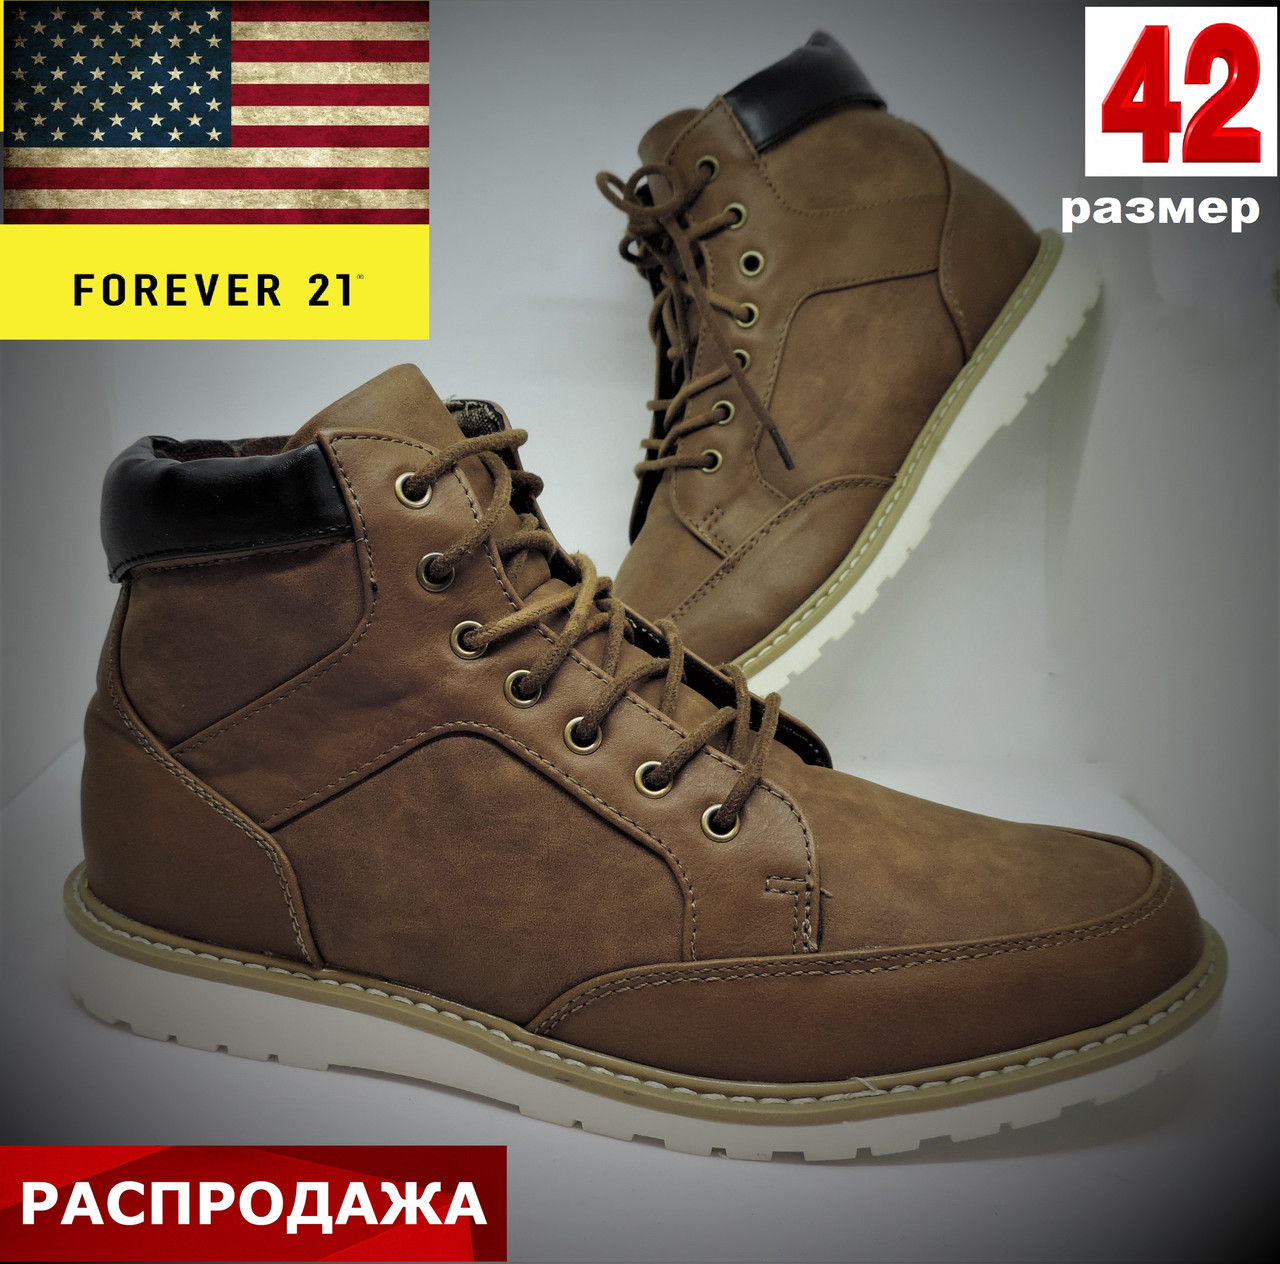 Мужские демисезонные ботинки от американского бренда Forever 21.